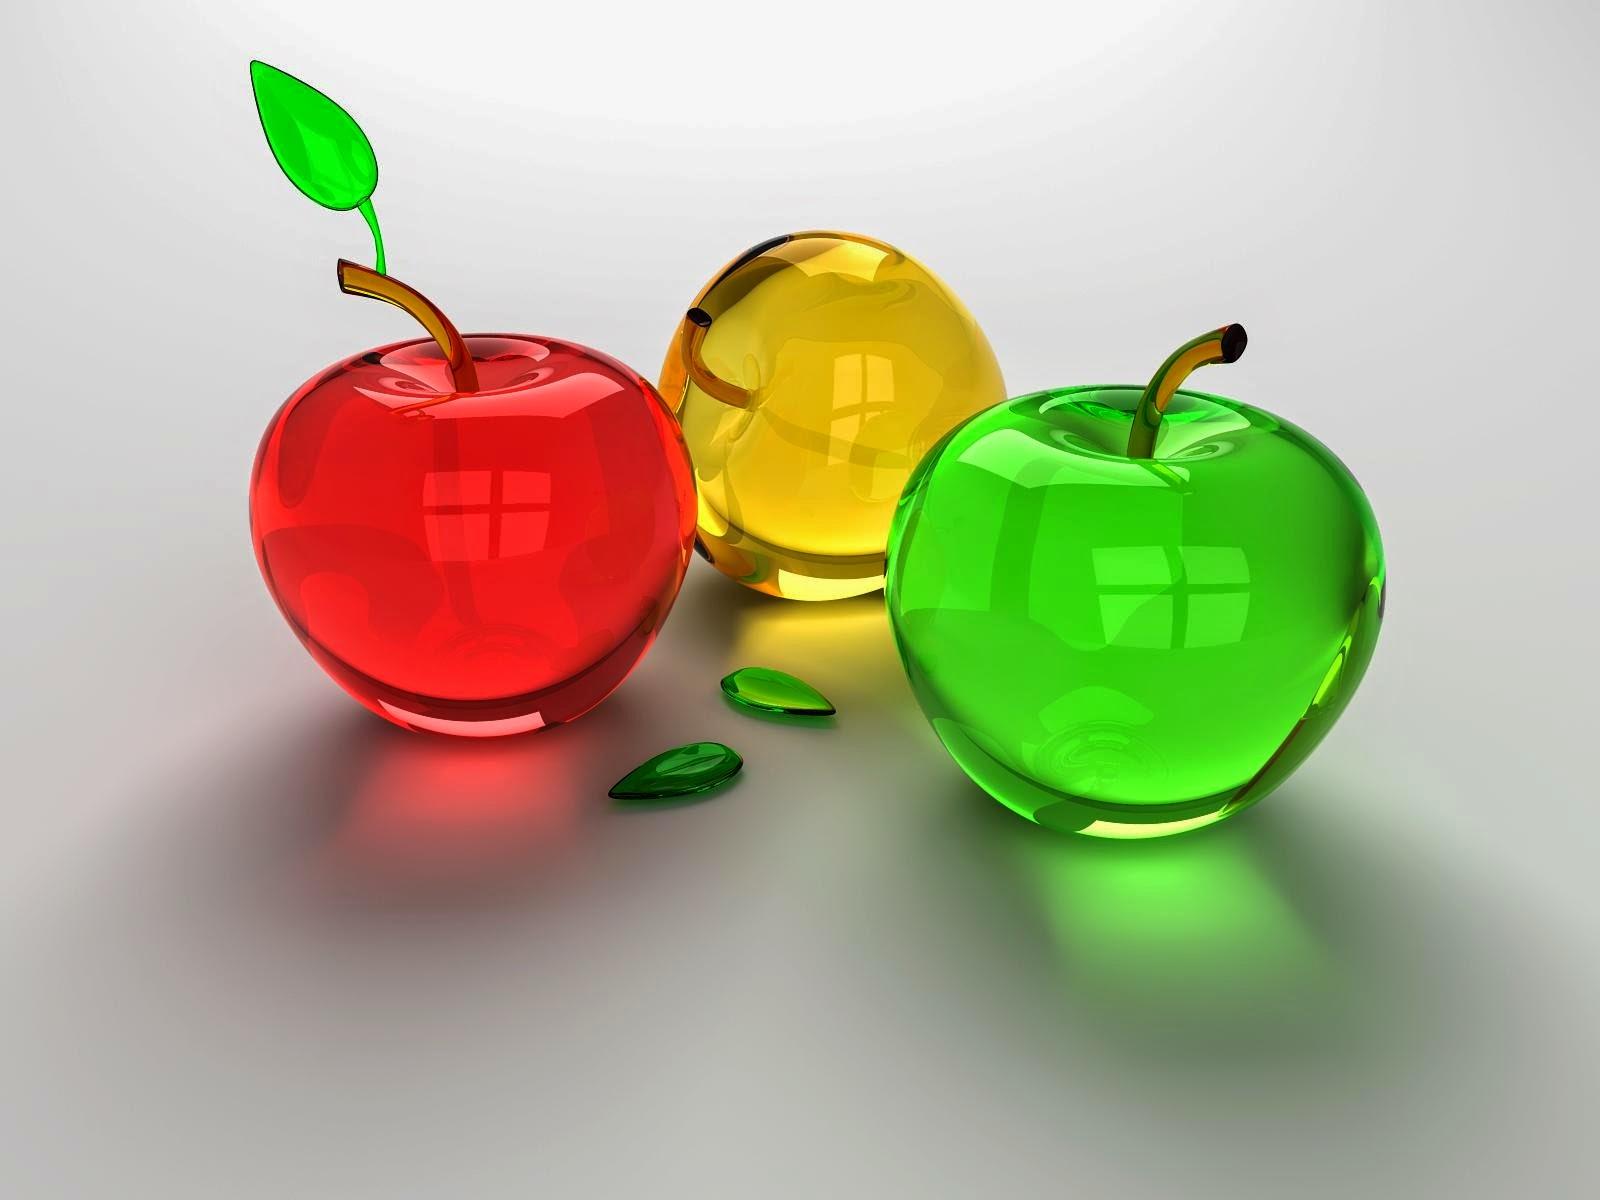 Hình nền quả táo đẹp độ phân giải cao cho máy tính pc, laptop. Bạn hẳn sẽ lấy làm thích thú khi đặt nó làm ảnh đền desktop.